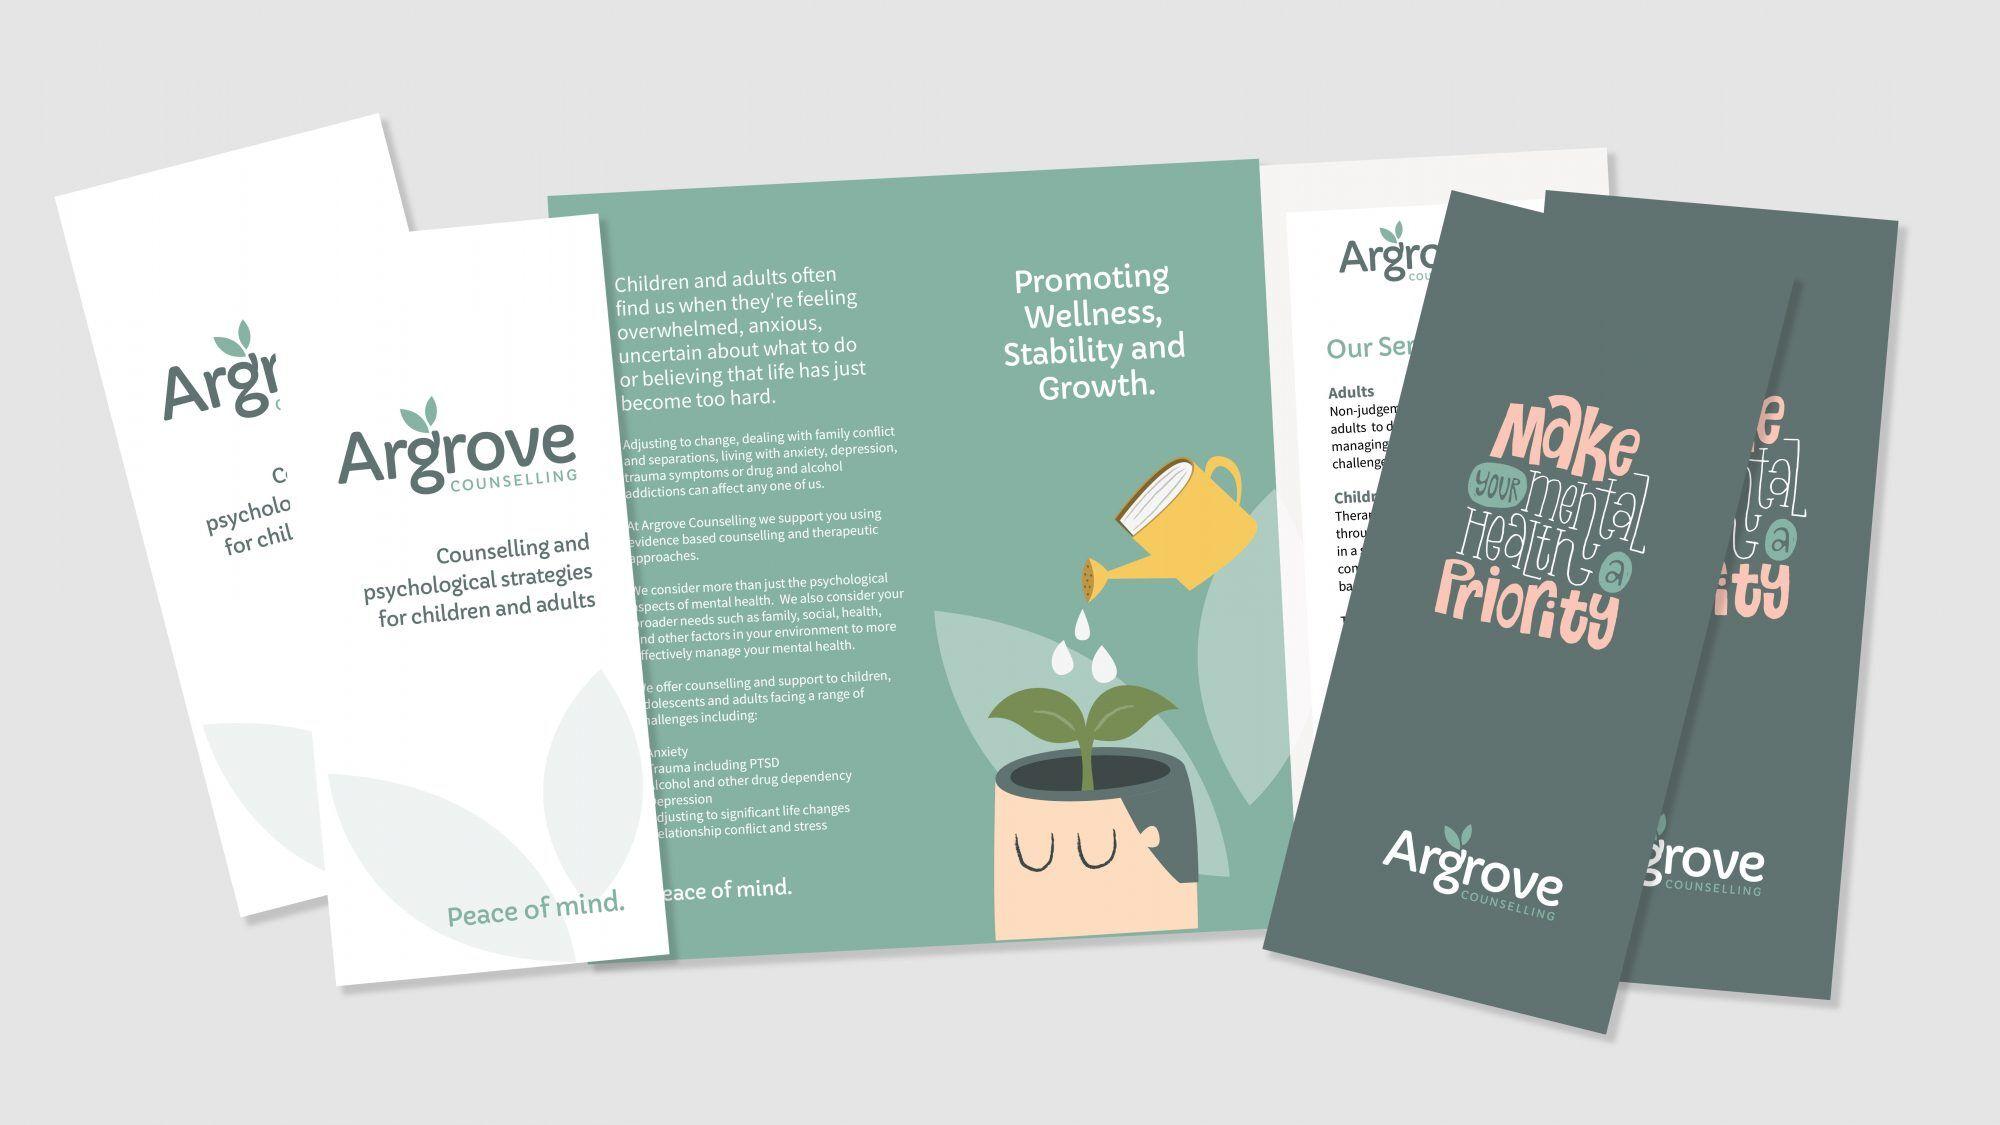 Argrove images6